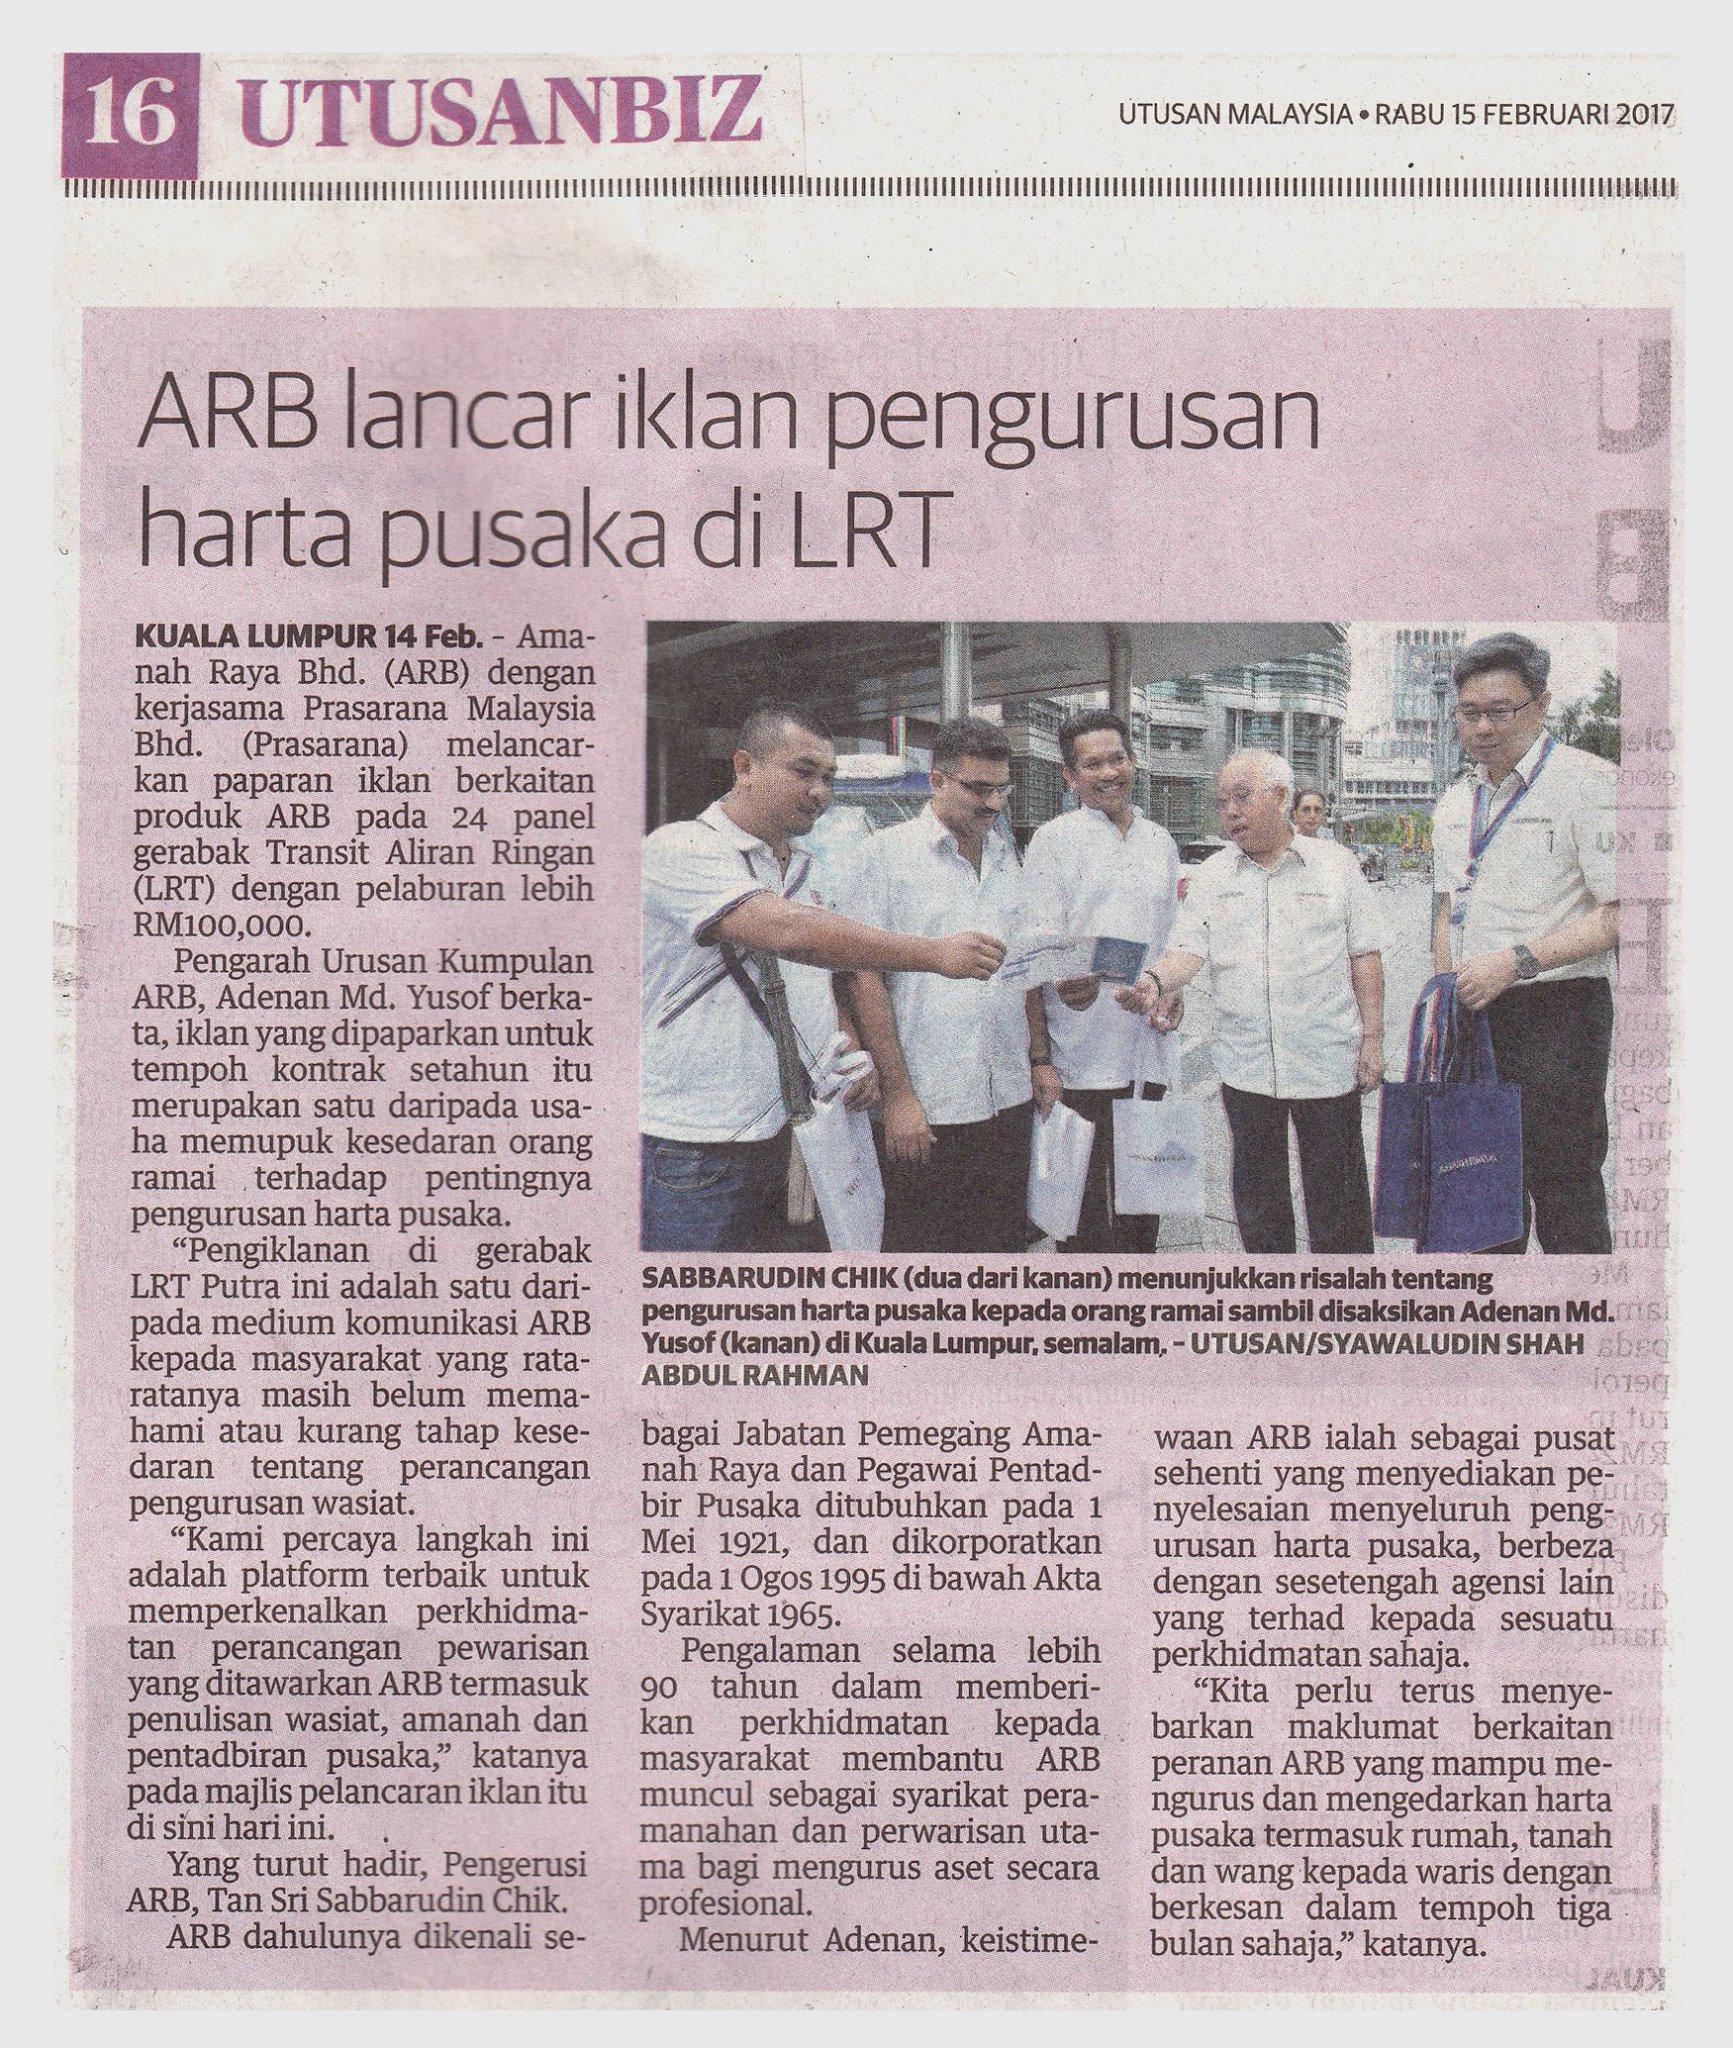 Amanah Raya Bhd (ARB) dengan kerjasama Prasarana Malaysia Bhd (Prasarana) melancarkan paparan iklan berkaitan produk ARB pada 24 panel gerabak Transit Aliran Ringan (LRT) dengan pelaburan lebih RM100,000.